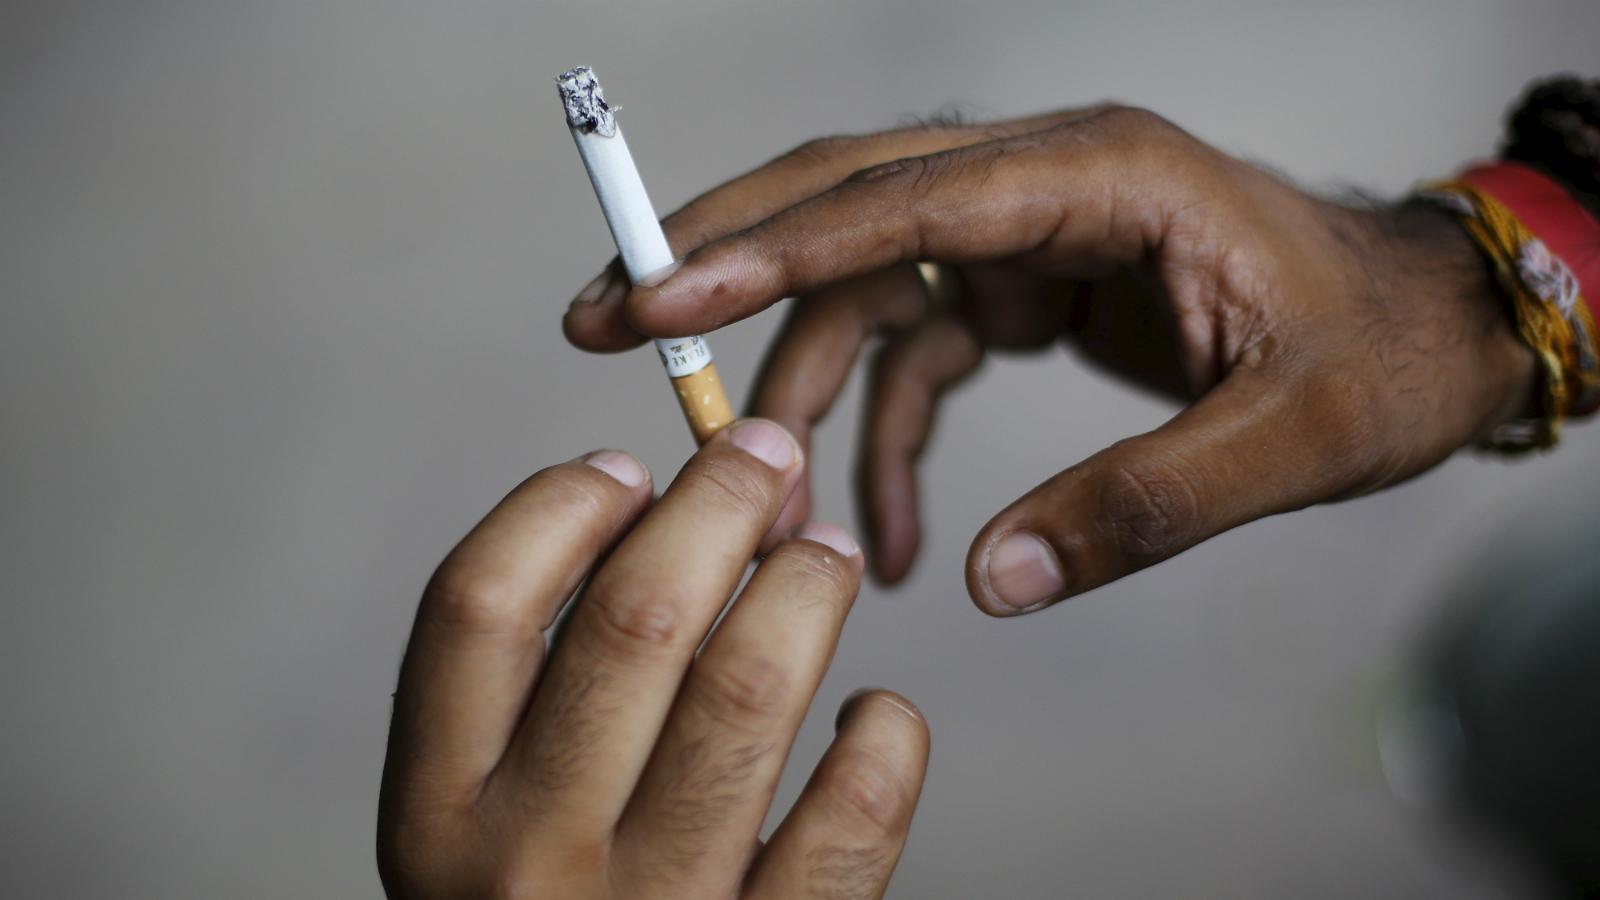 India-Smoking-Pictorial warning-tobacco